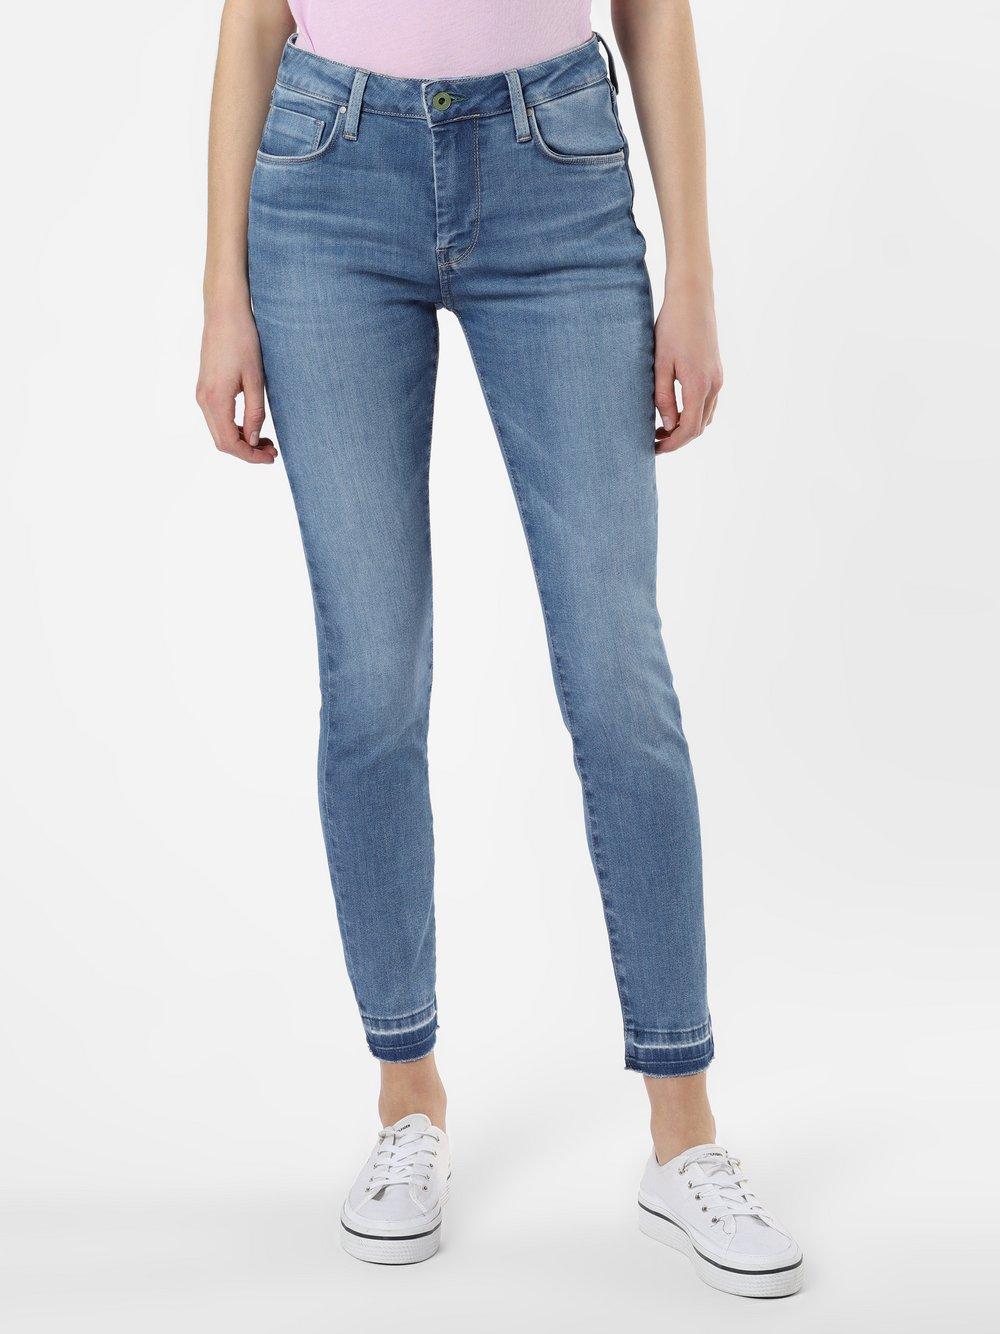 Pepe Jeans - Jeansy damskie – Regent, niebieski